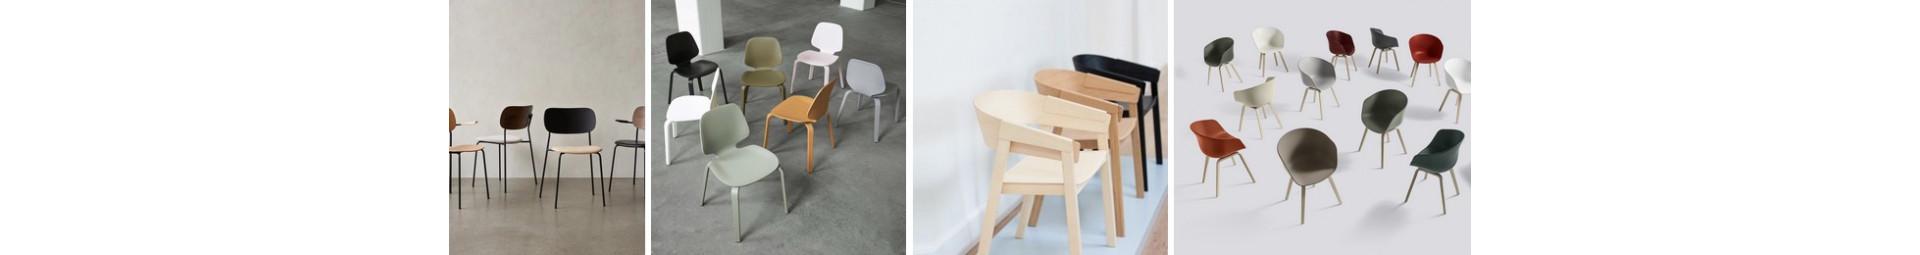 Chaise, fauteuil, tabouret, banc